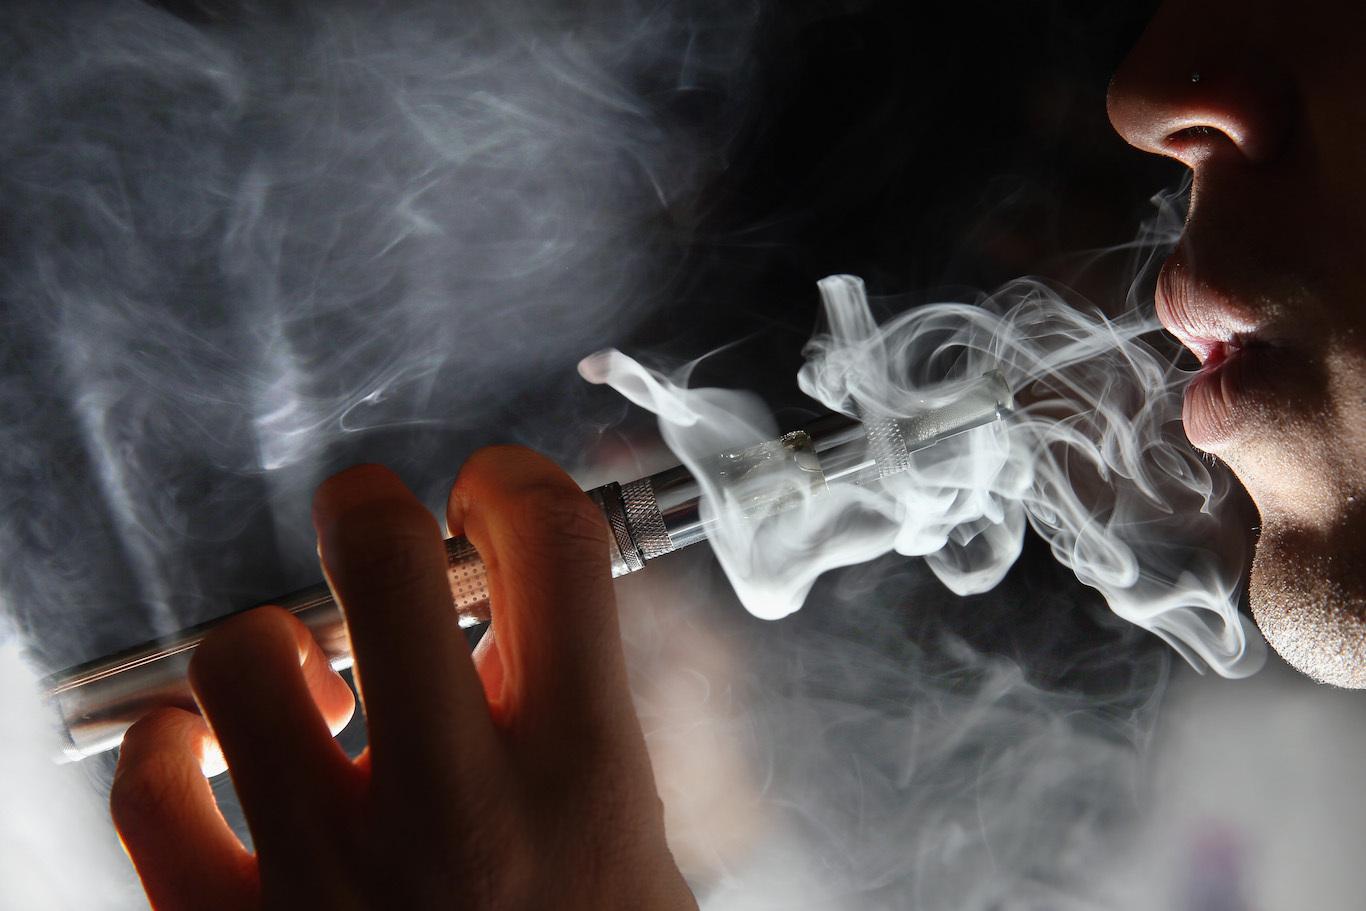 Buy cigarettes Bond in Lanzarote